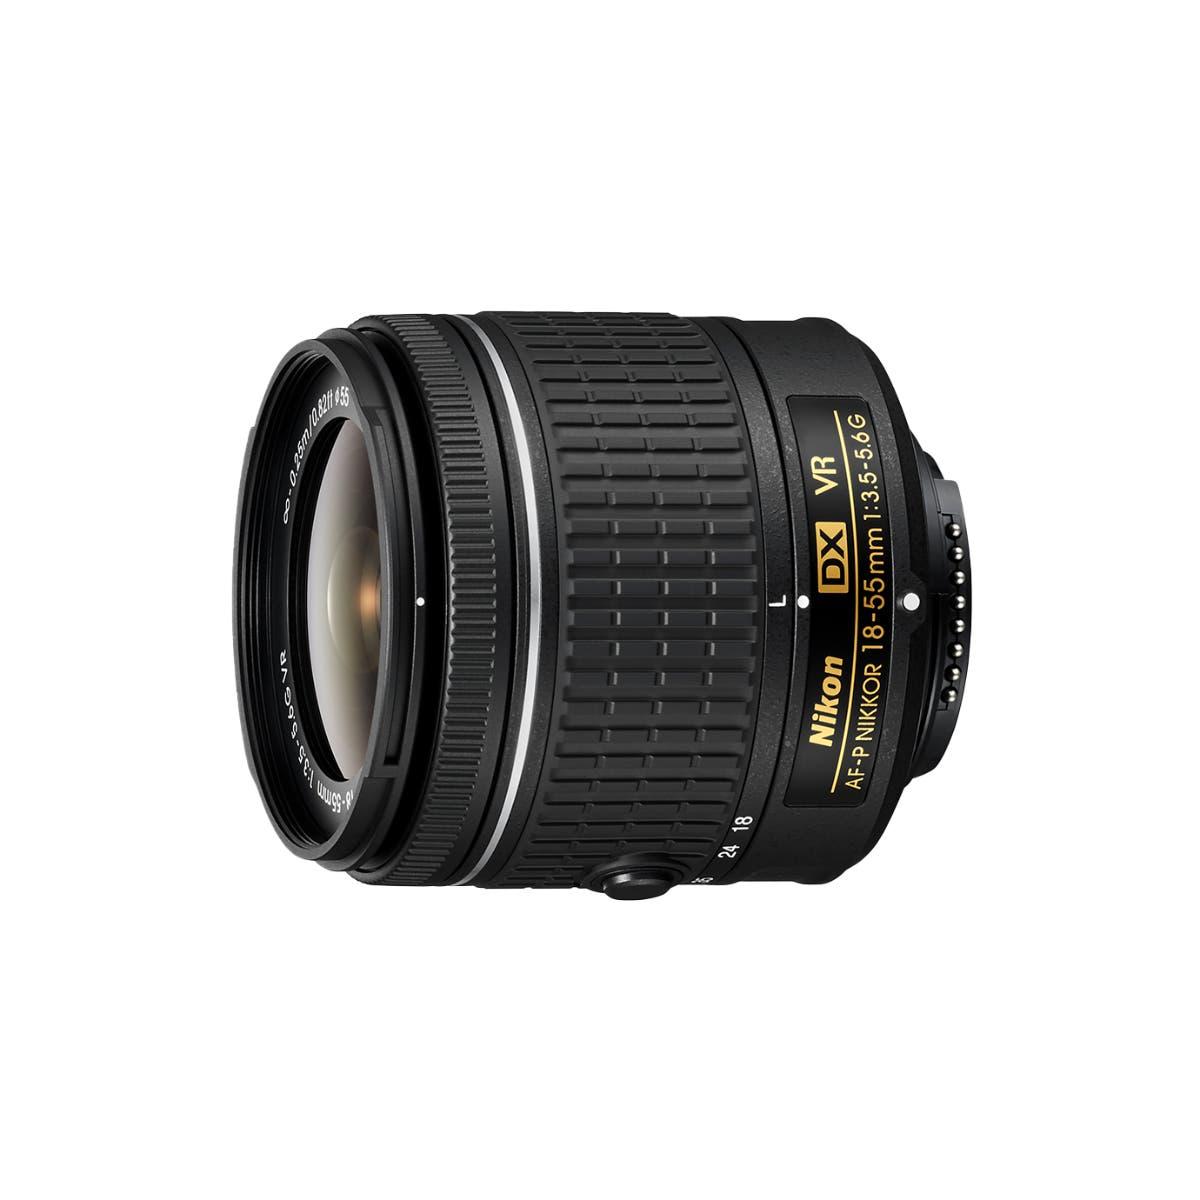 AF-P DX 18-55mm f3.5-5.6G VR